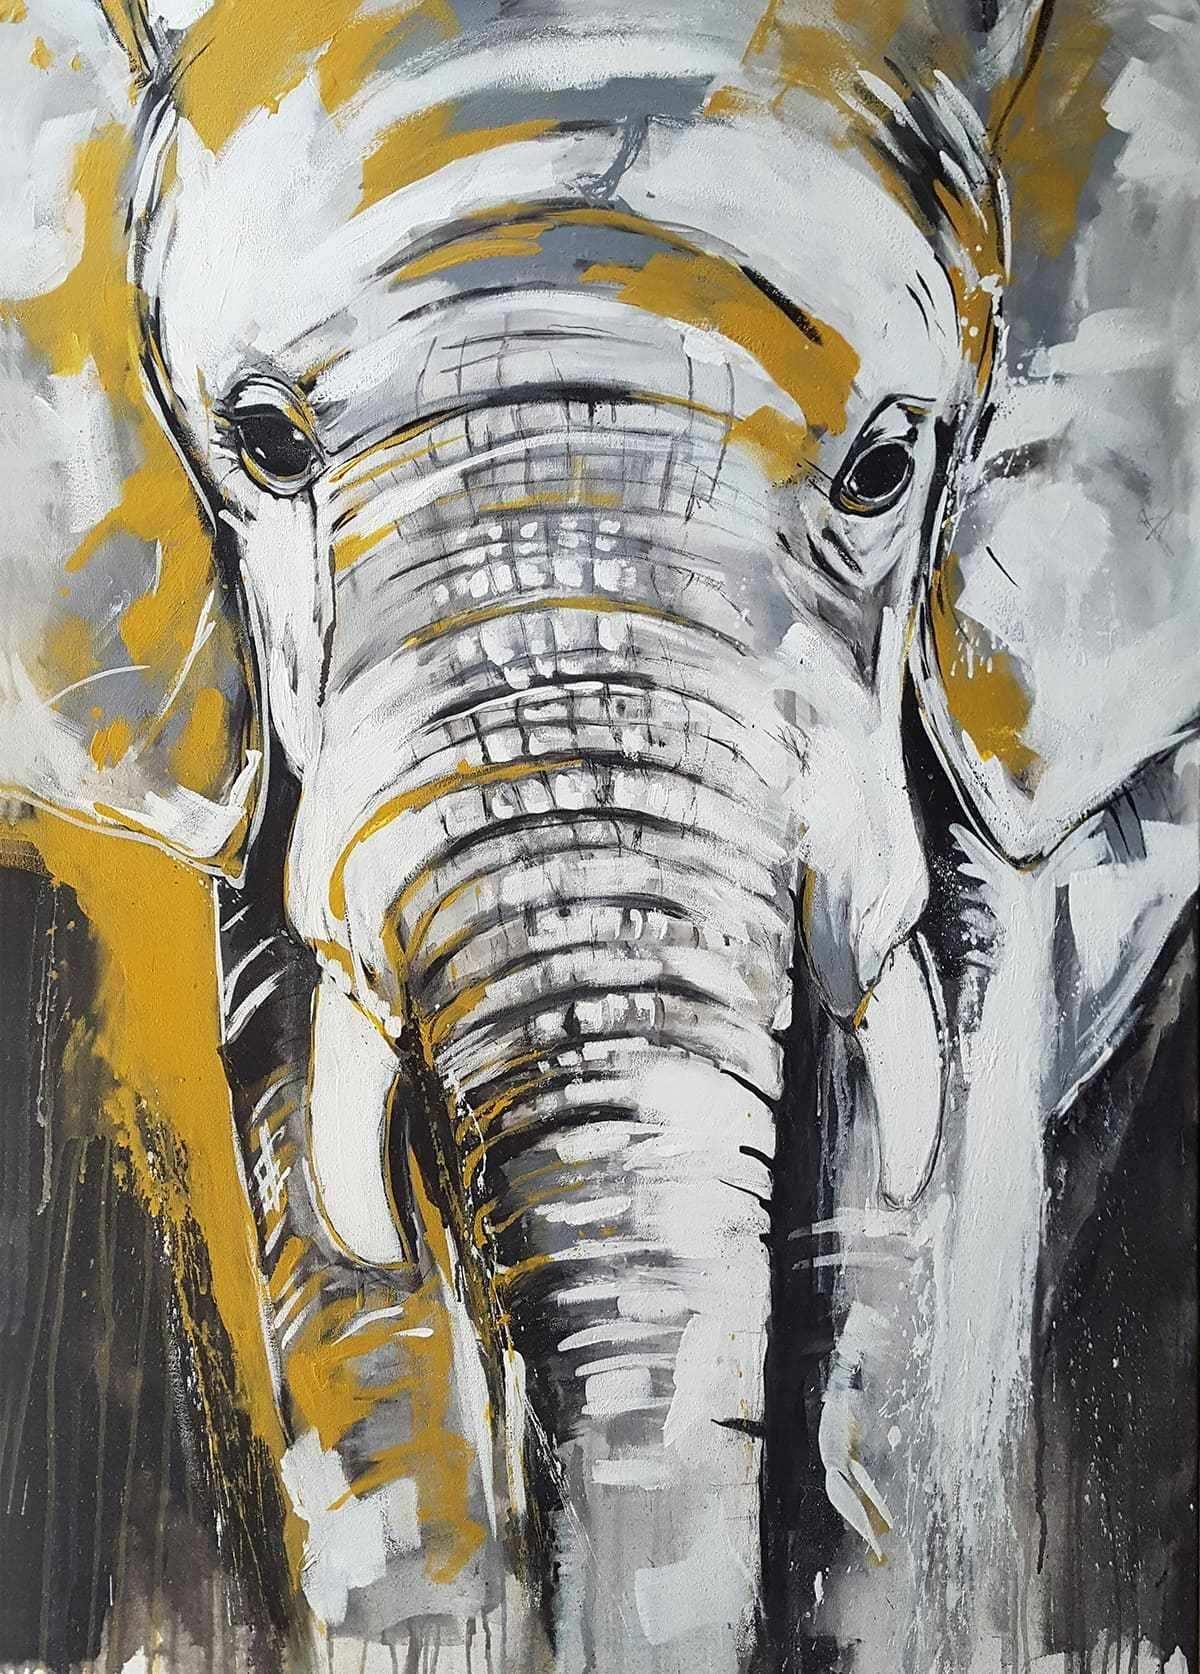 Kunstdruck Elefant Exklusive Wandbilder Afrika Kunst Aus Dem Atelier Von Stefanie Rogge En 2020 Pintura De Elefante Elefantes Pintados Pinturas De Elefantes